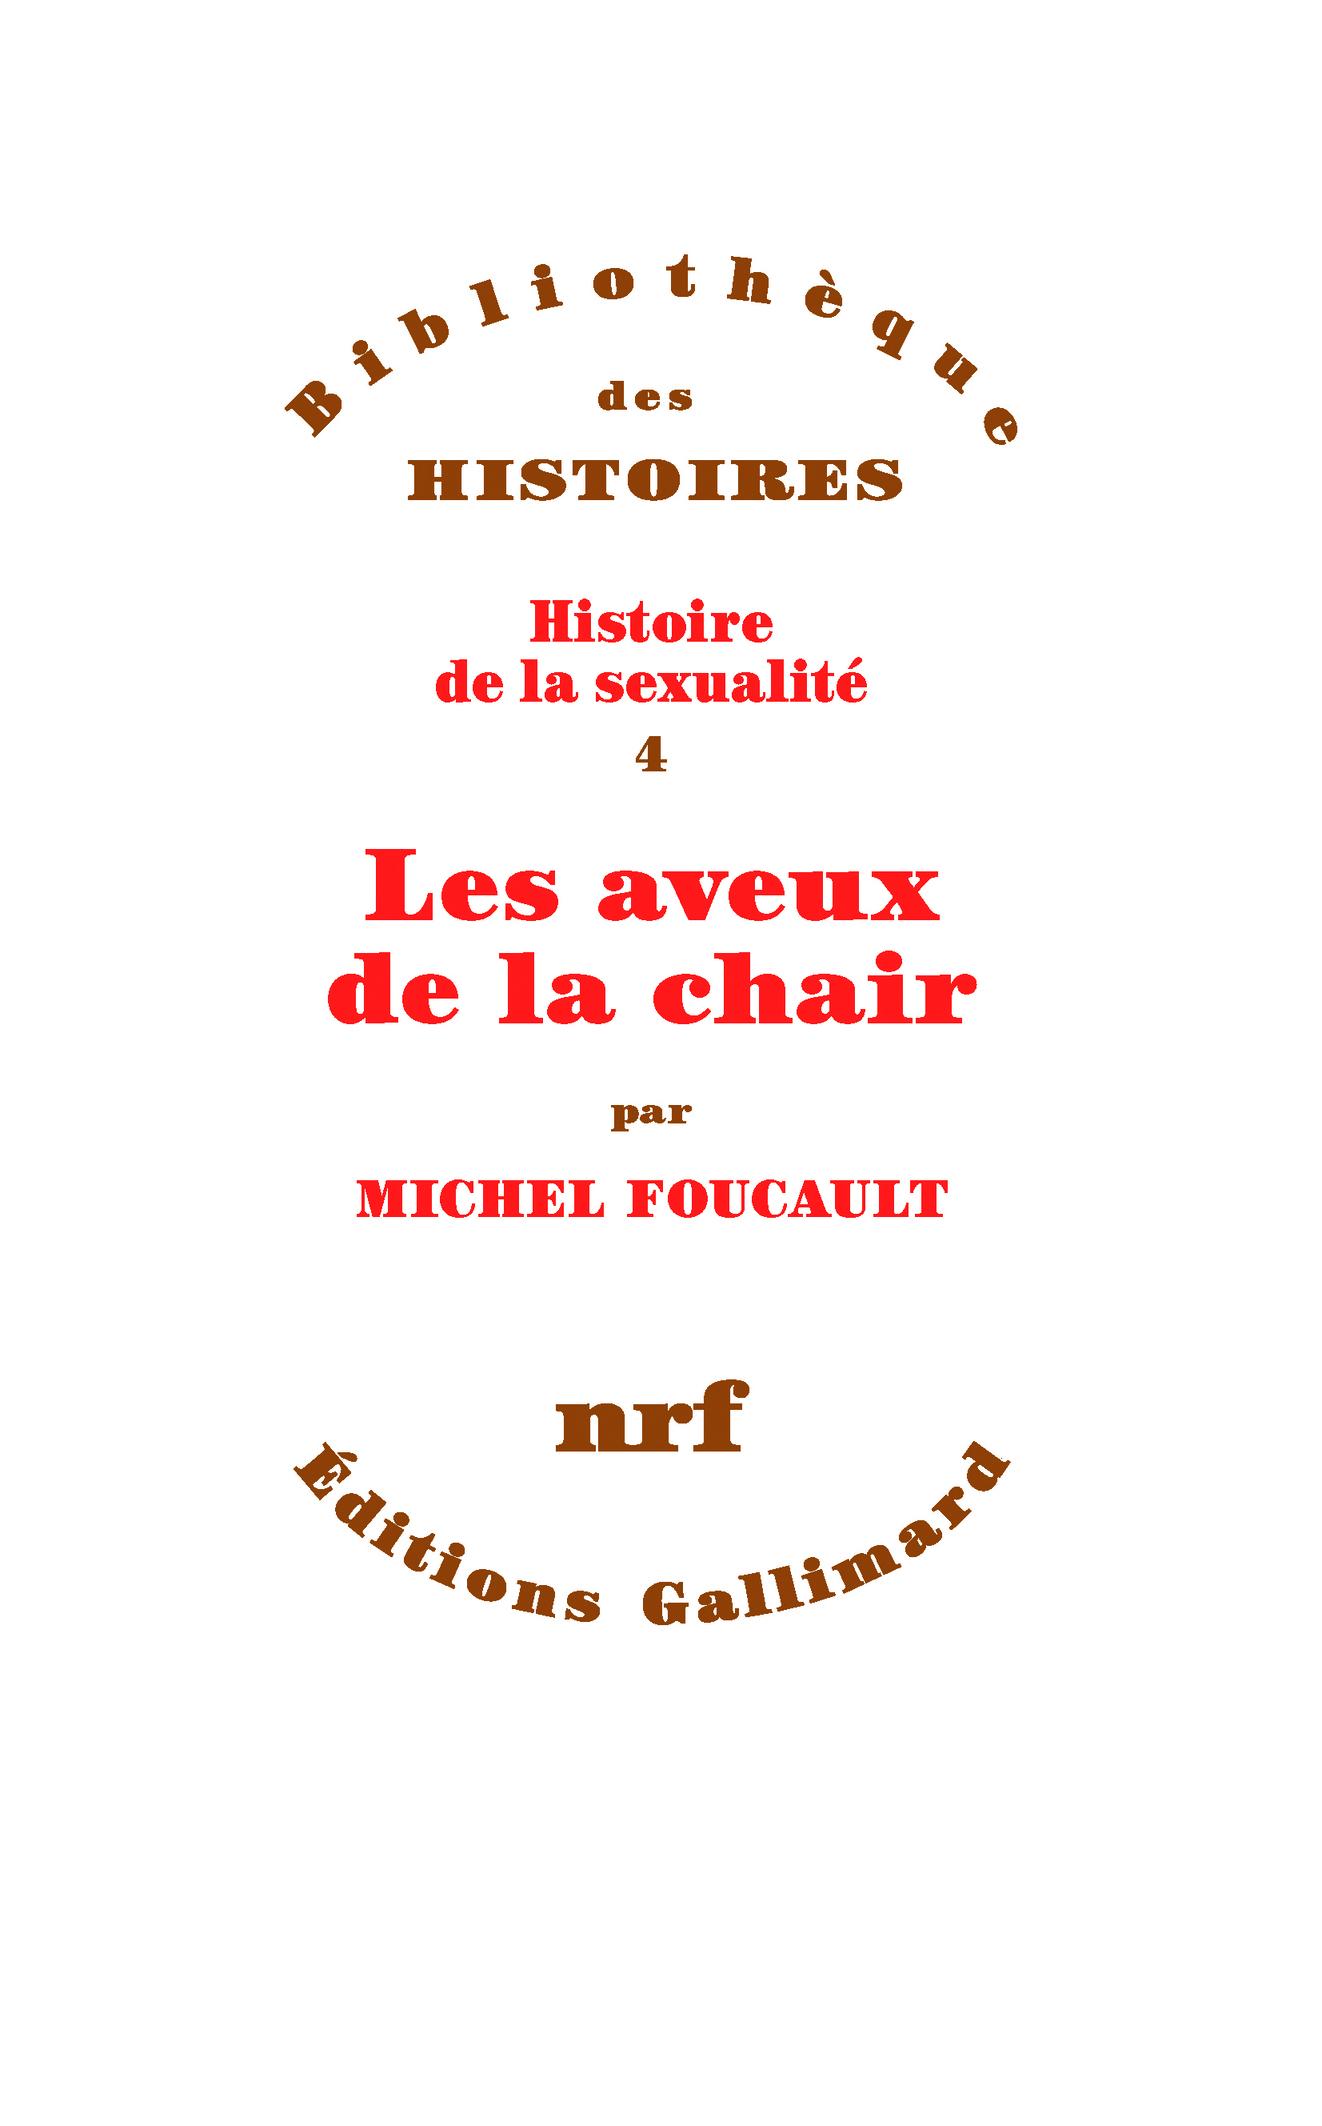 HISTOIRE DE LA SEXUALITE, IV : LES AVEUX DE LA CHAIR